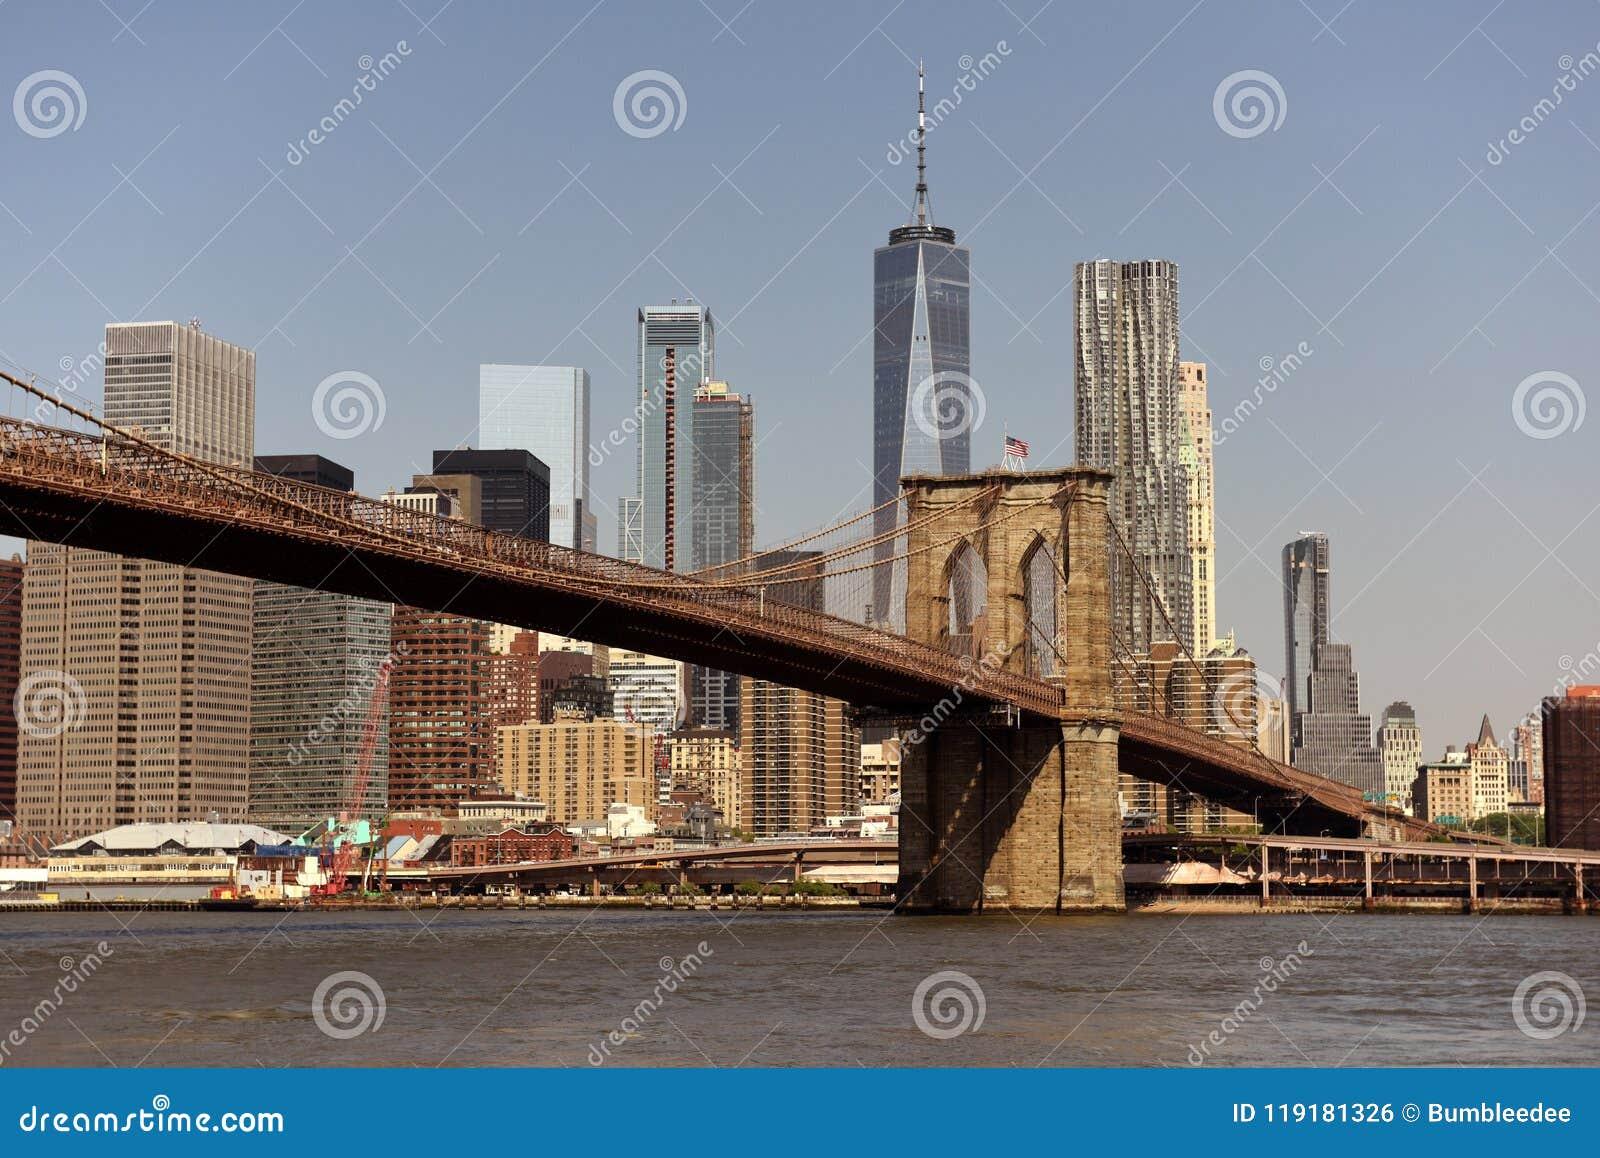 Paysage urbain de New York New York City, secteur financier en M inférieur